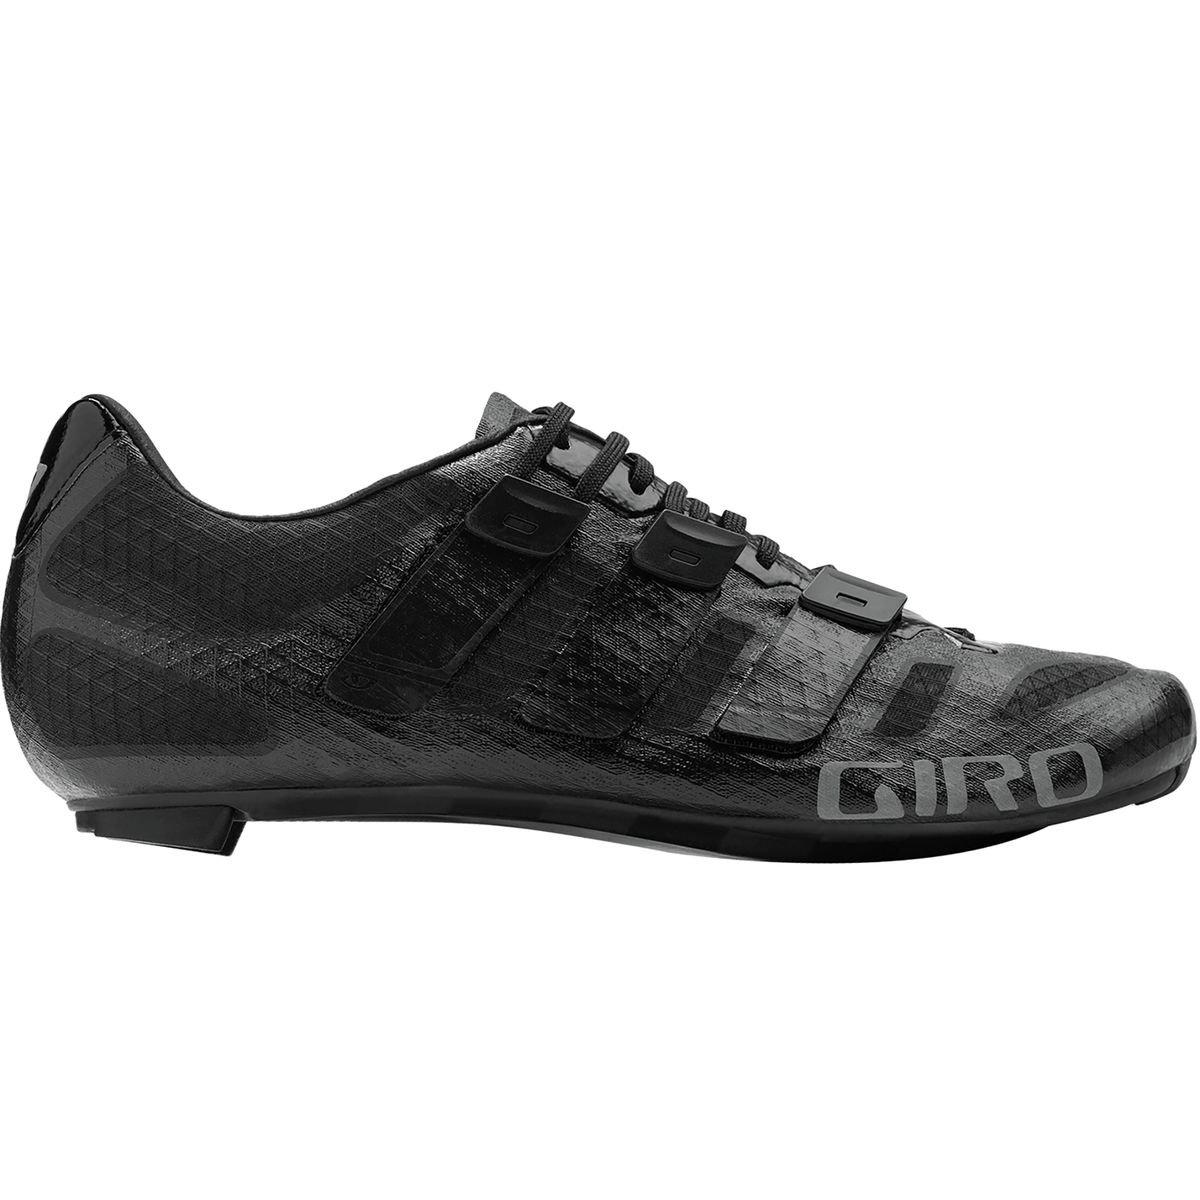 [ジロ] メンズ サイクリング Prolight Techlace Shoes [並行輸入品] B07FN96LYH 46